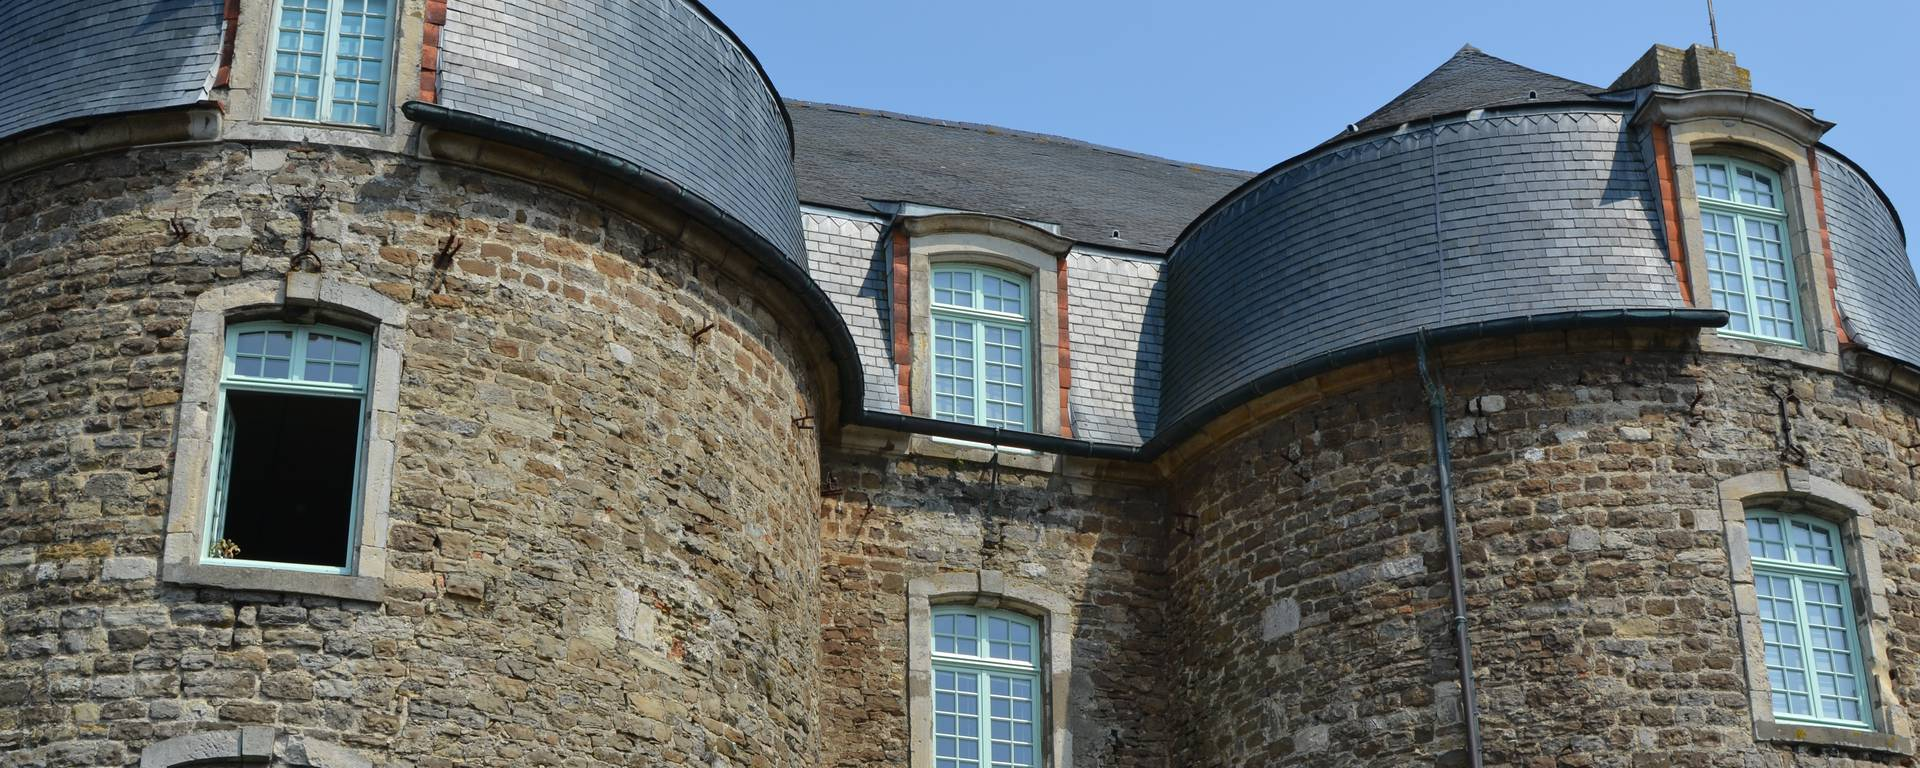 Le Château Musée Boulogne-sur-Mer